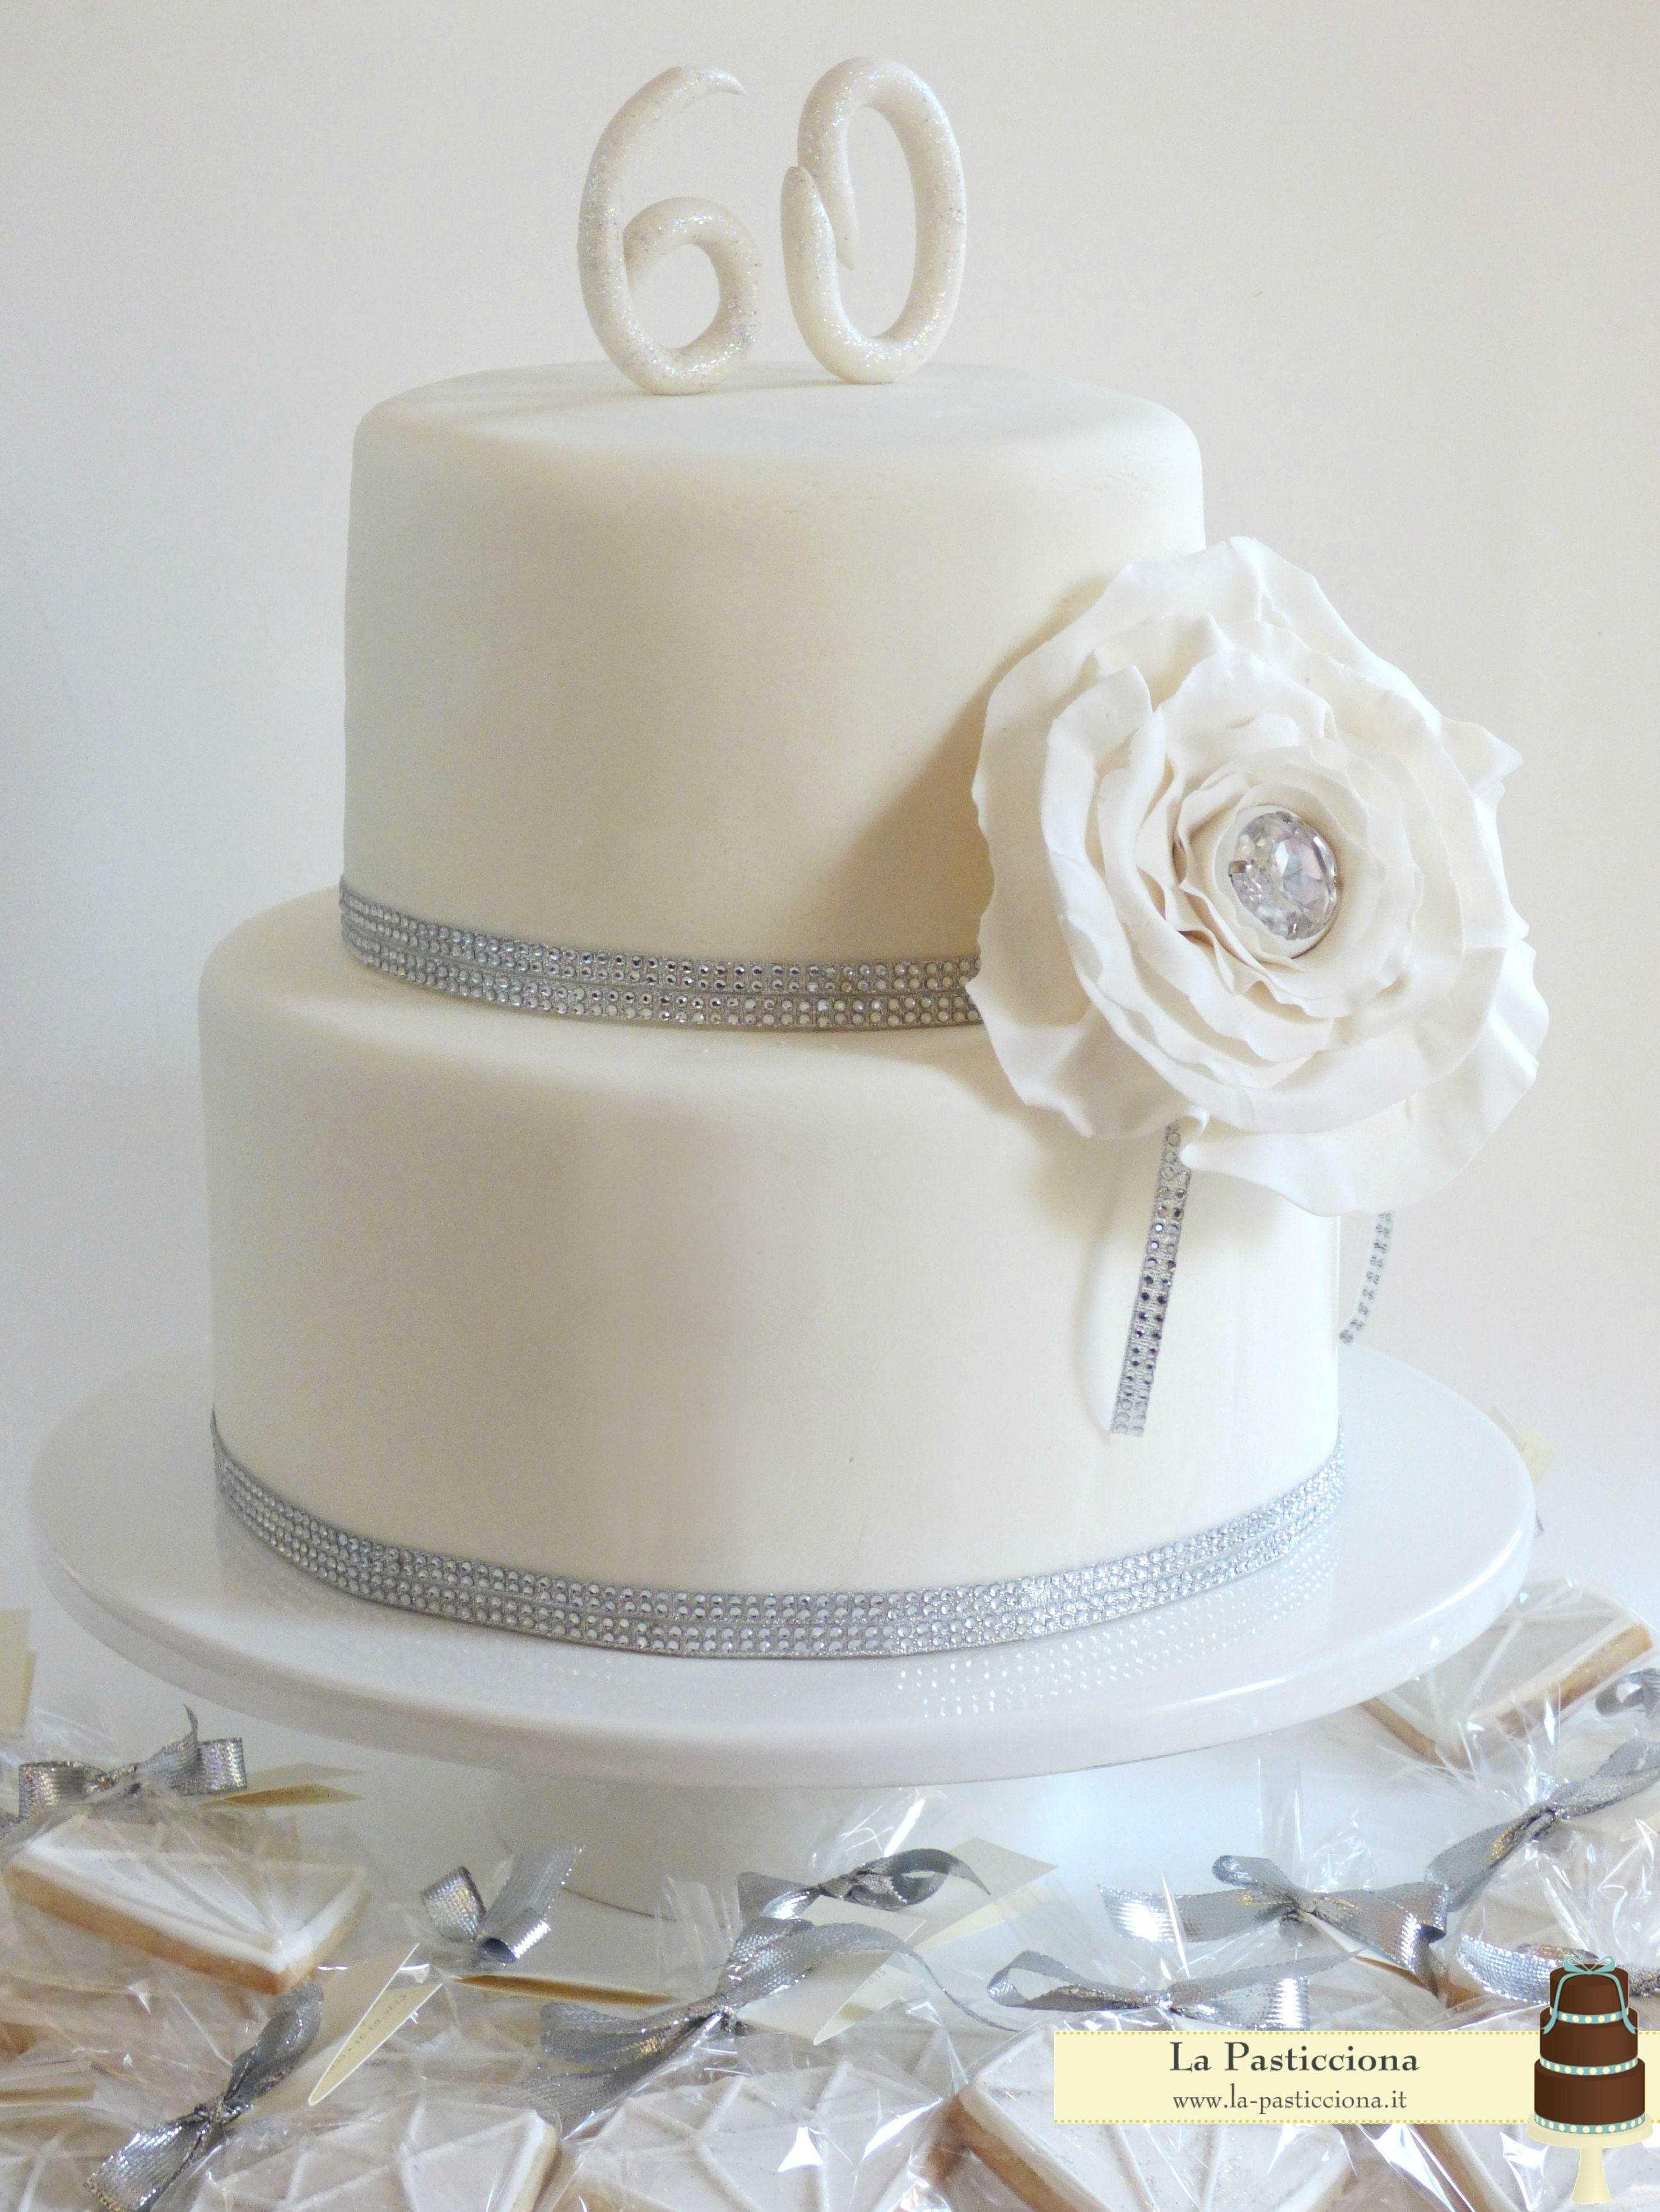 Anniversario 60 Anni Matrimonio.Torta Per Il 60 Anniversario Nozze Di Diamante 60